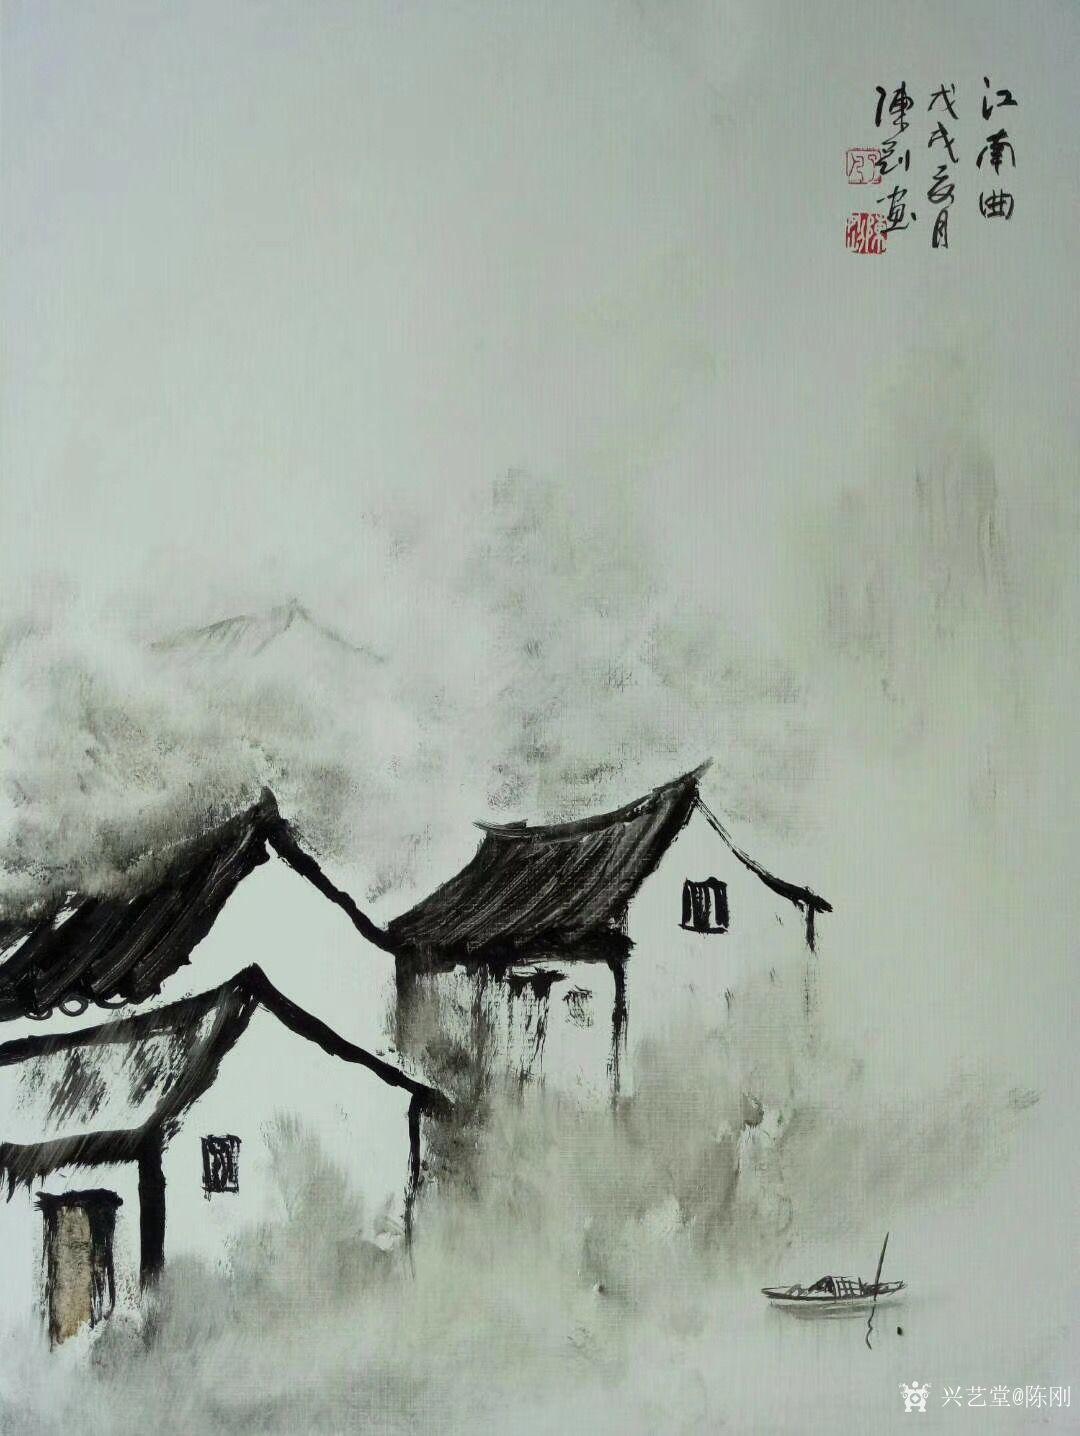 陈刚日记:江南写生之《江南曲》,国画山水图片